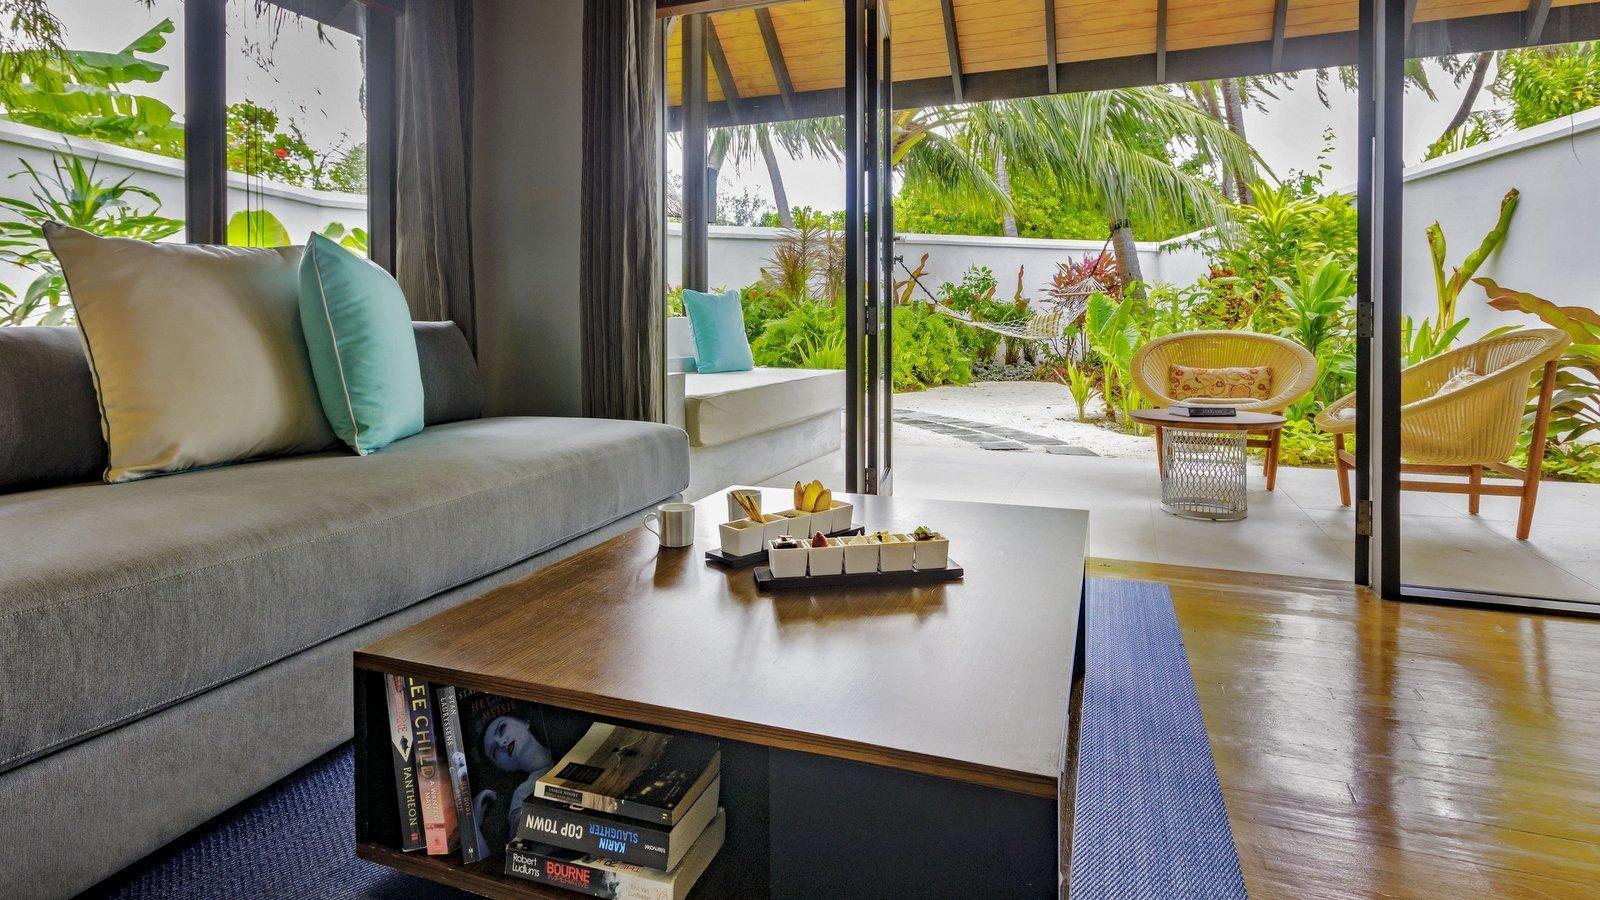 Мальдивы, отель Velassaru Maldives, номер Pool Villa